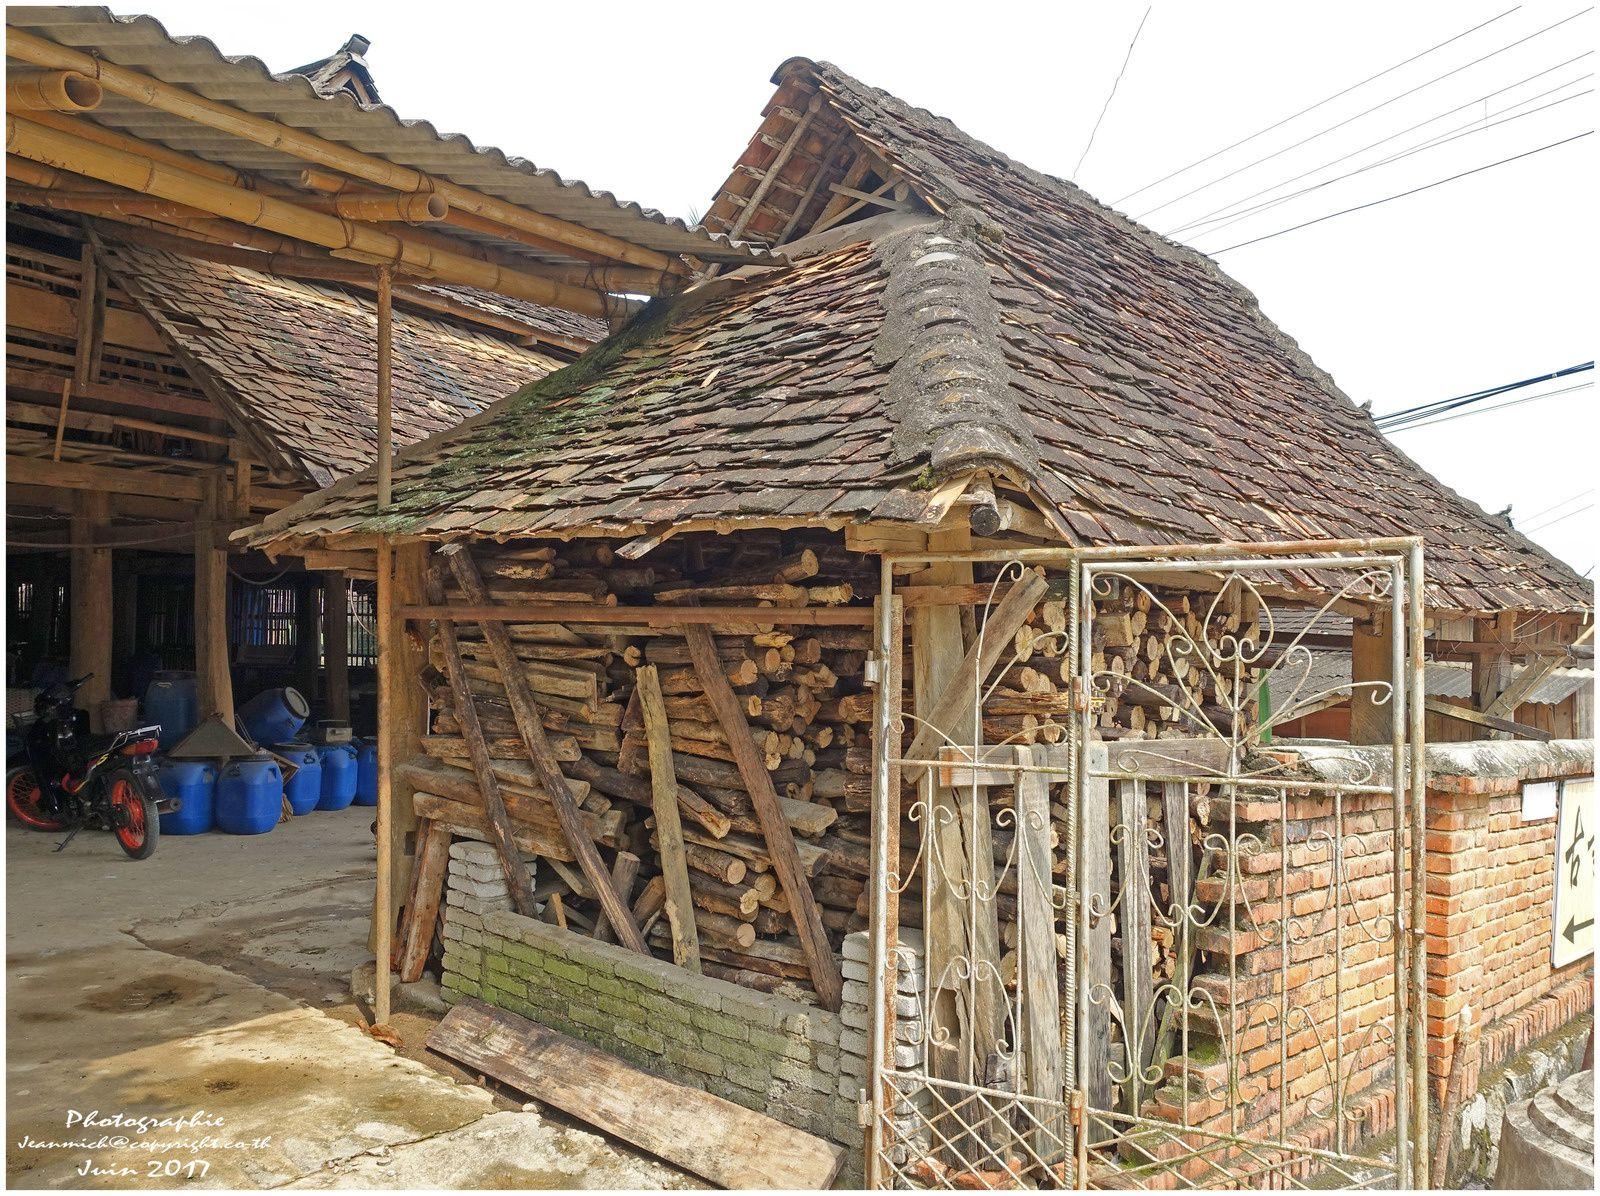 Suite de la visite d'un village traditionnel chinois (Yunnan, Chine)